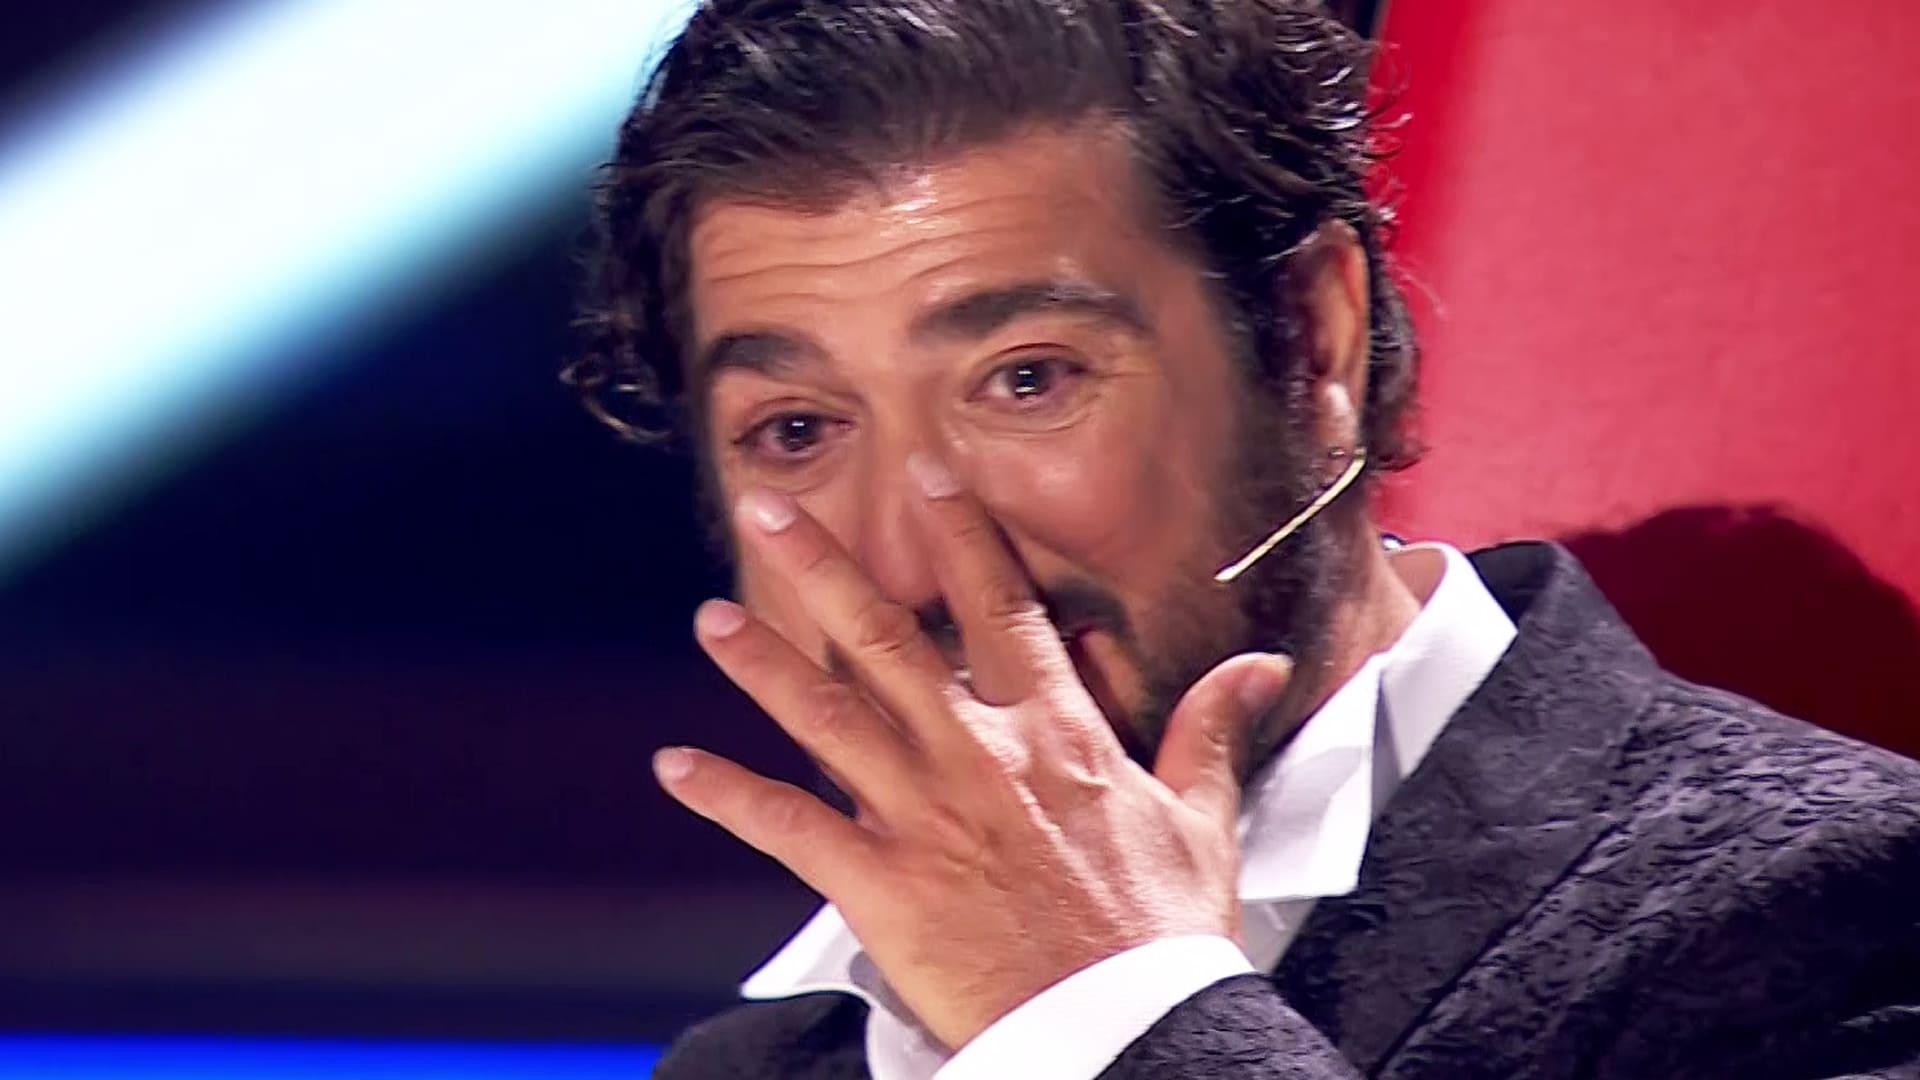 HIJO DE ANTONIO OROZCO SORPRENDE MUSICA